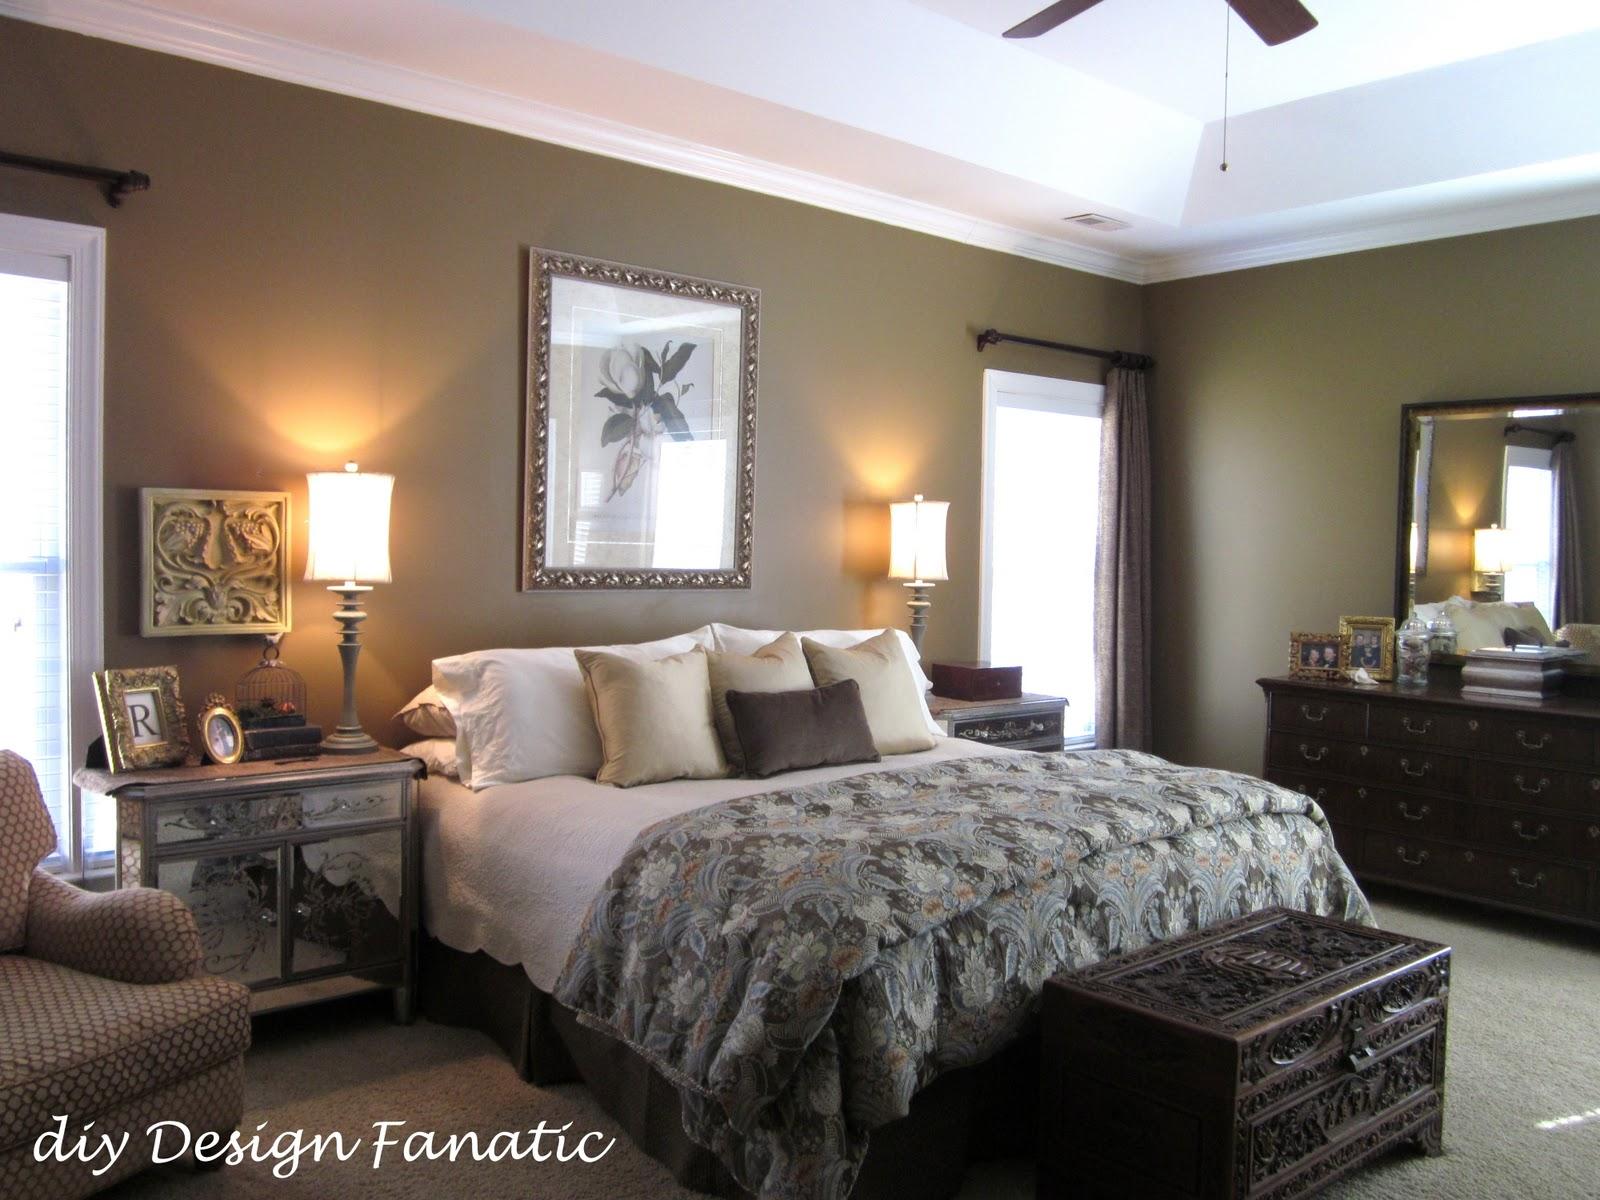 diy design fanatic master bedroom